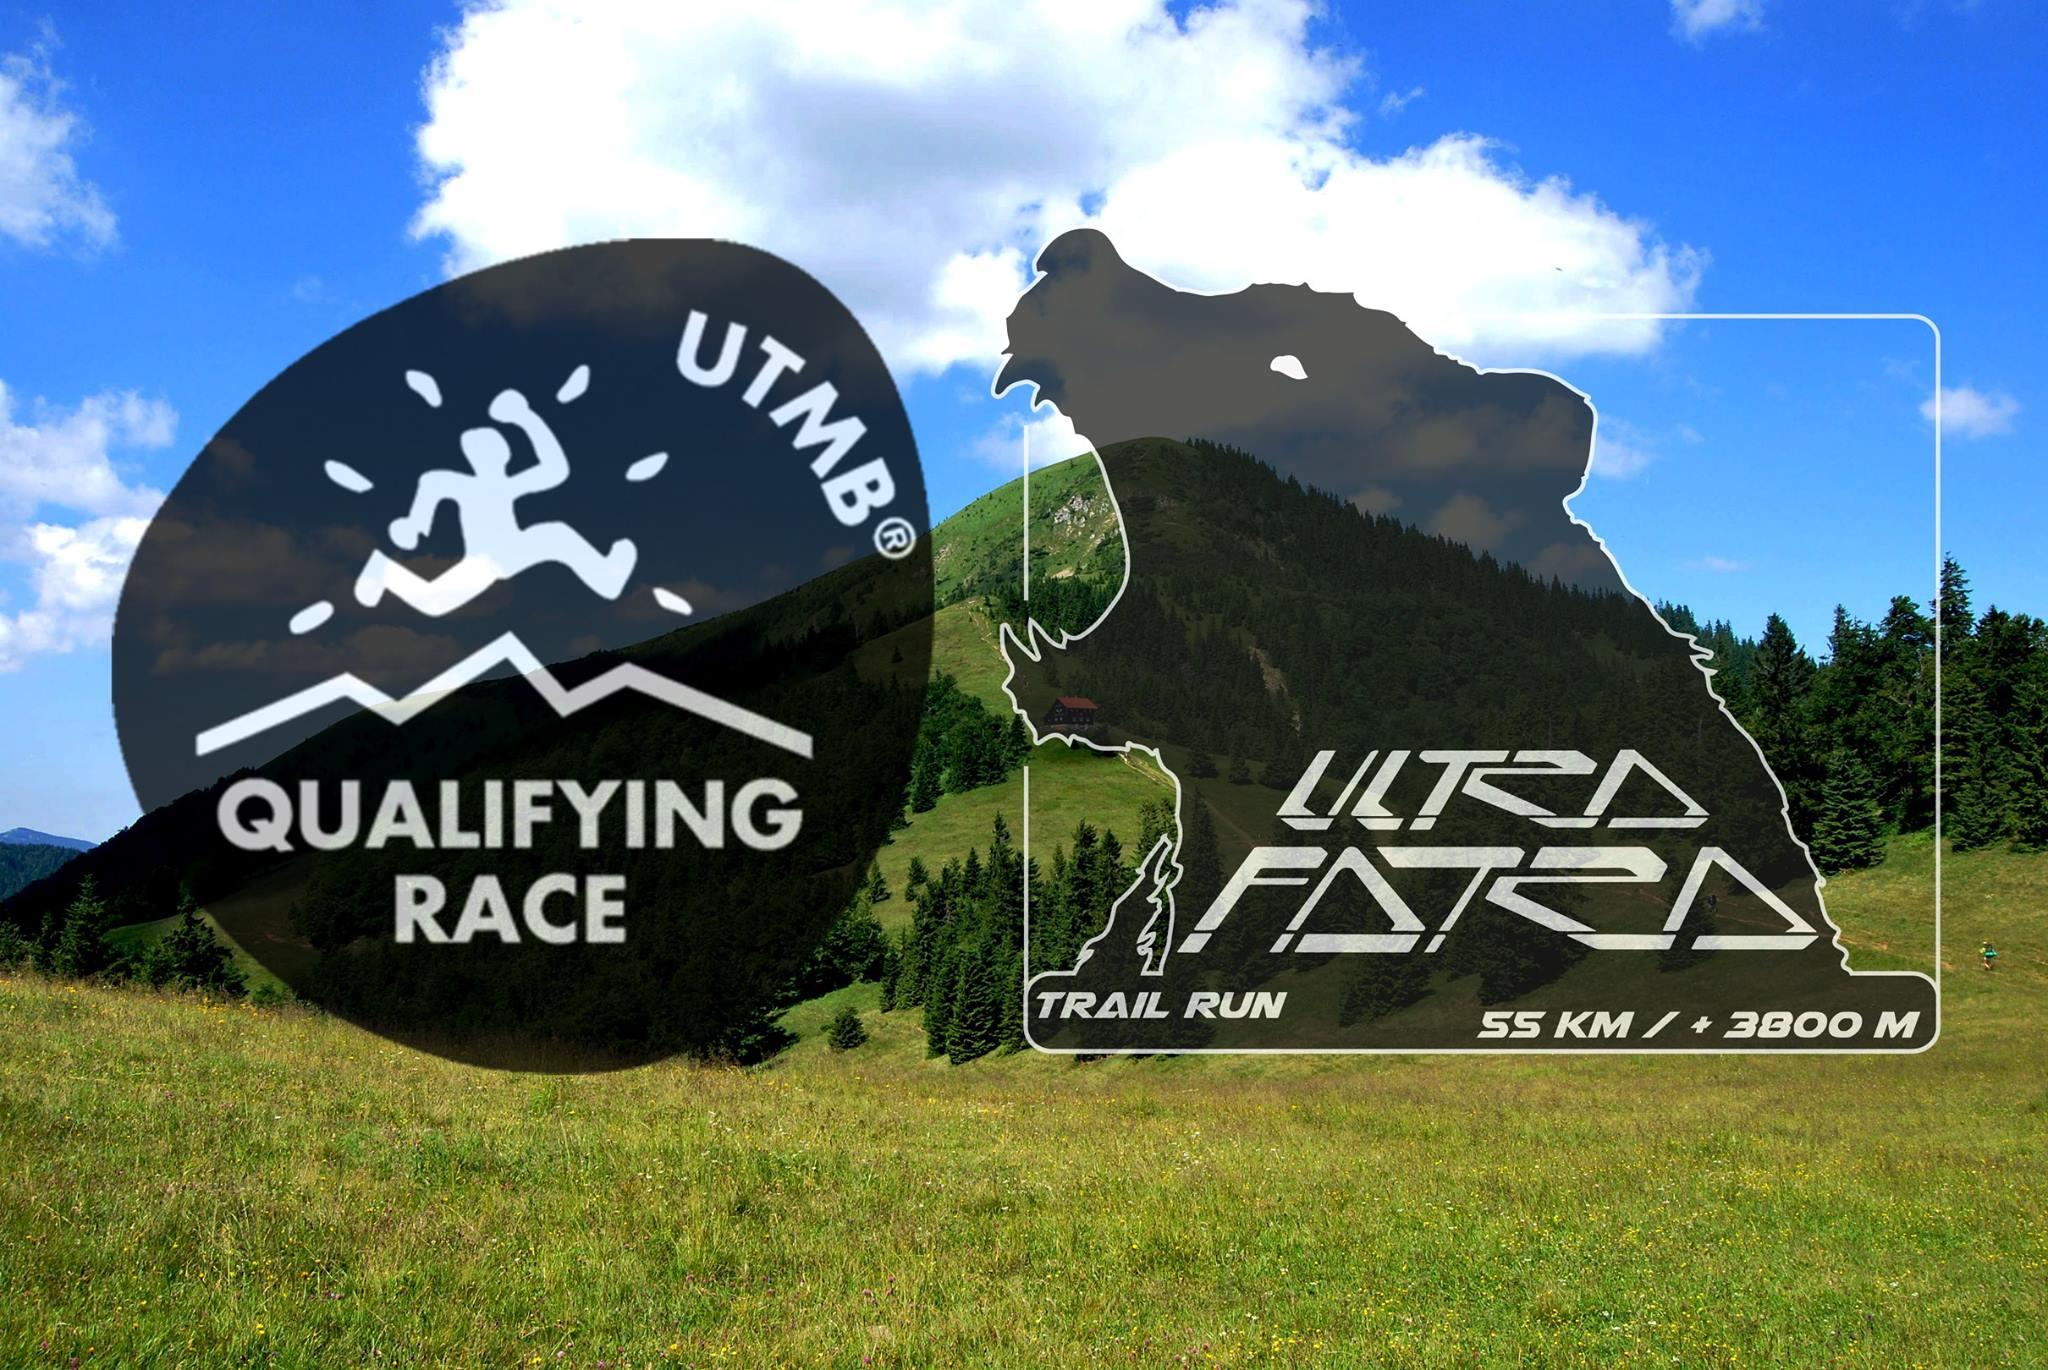 Expresky z hôr 72 - Ultra Fatra 2017, zdroj: FB page @ultrafatra.sk